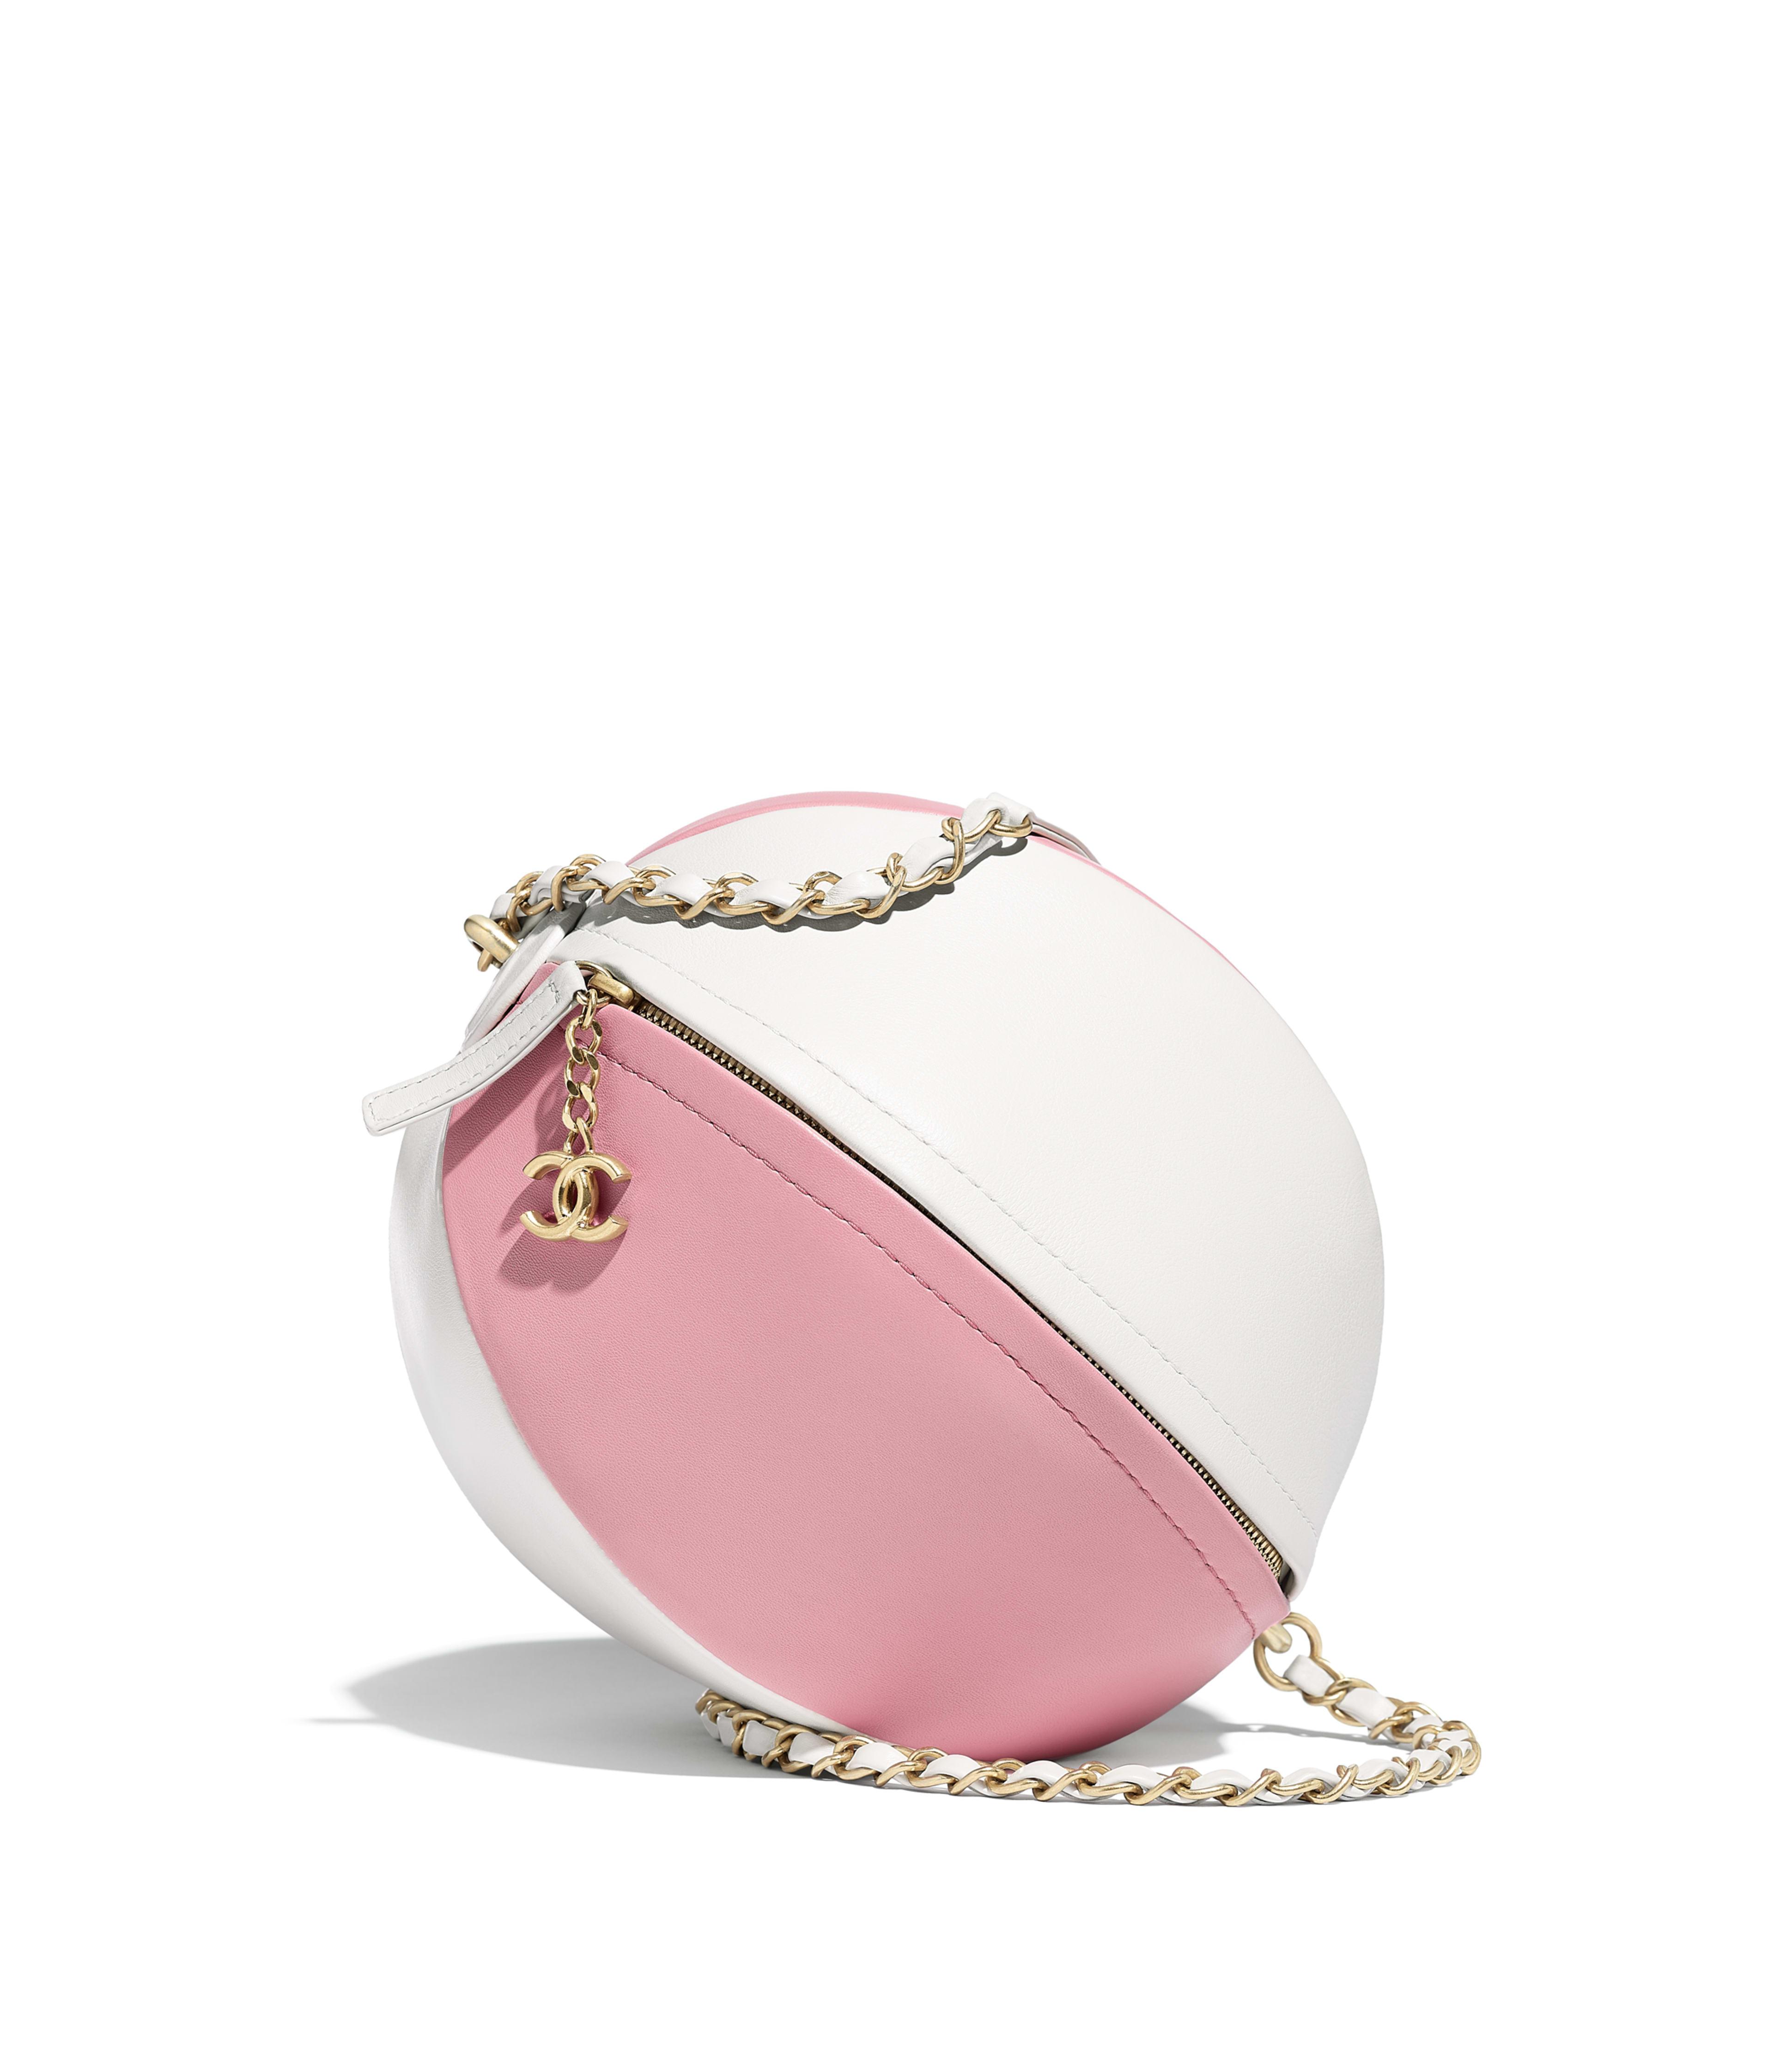 dc33dda63e5b70 Beach Ball Handbag Calfskin & Gold-Tone Metal, White & Pink Ref.  AS0512B00311N4395